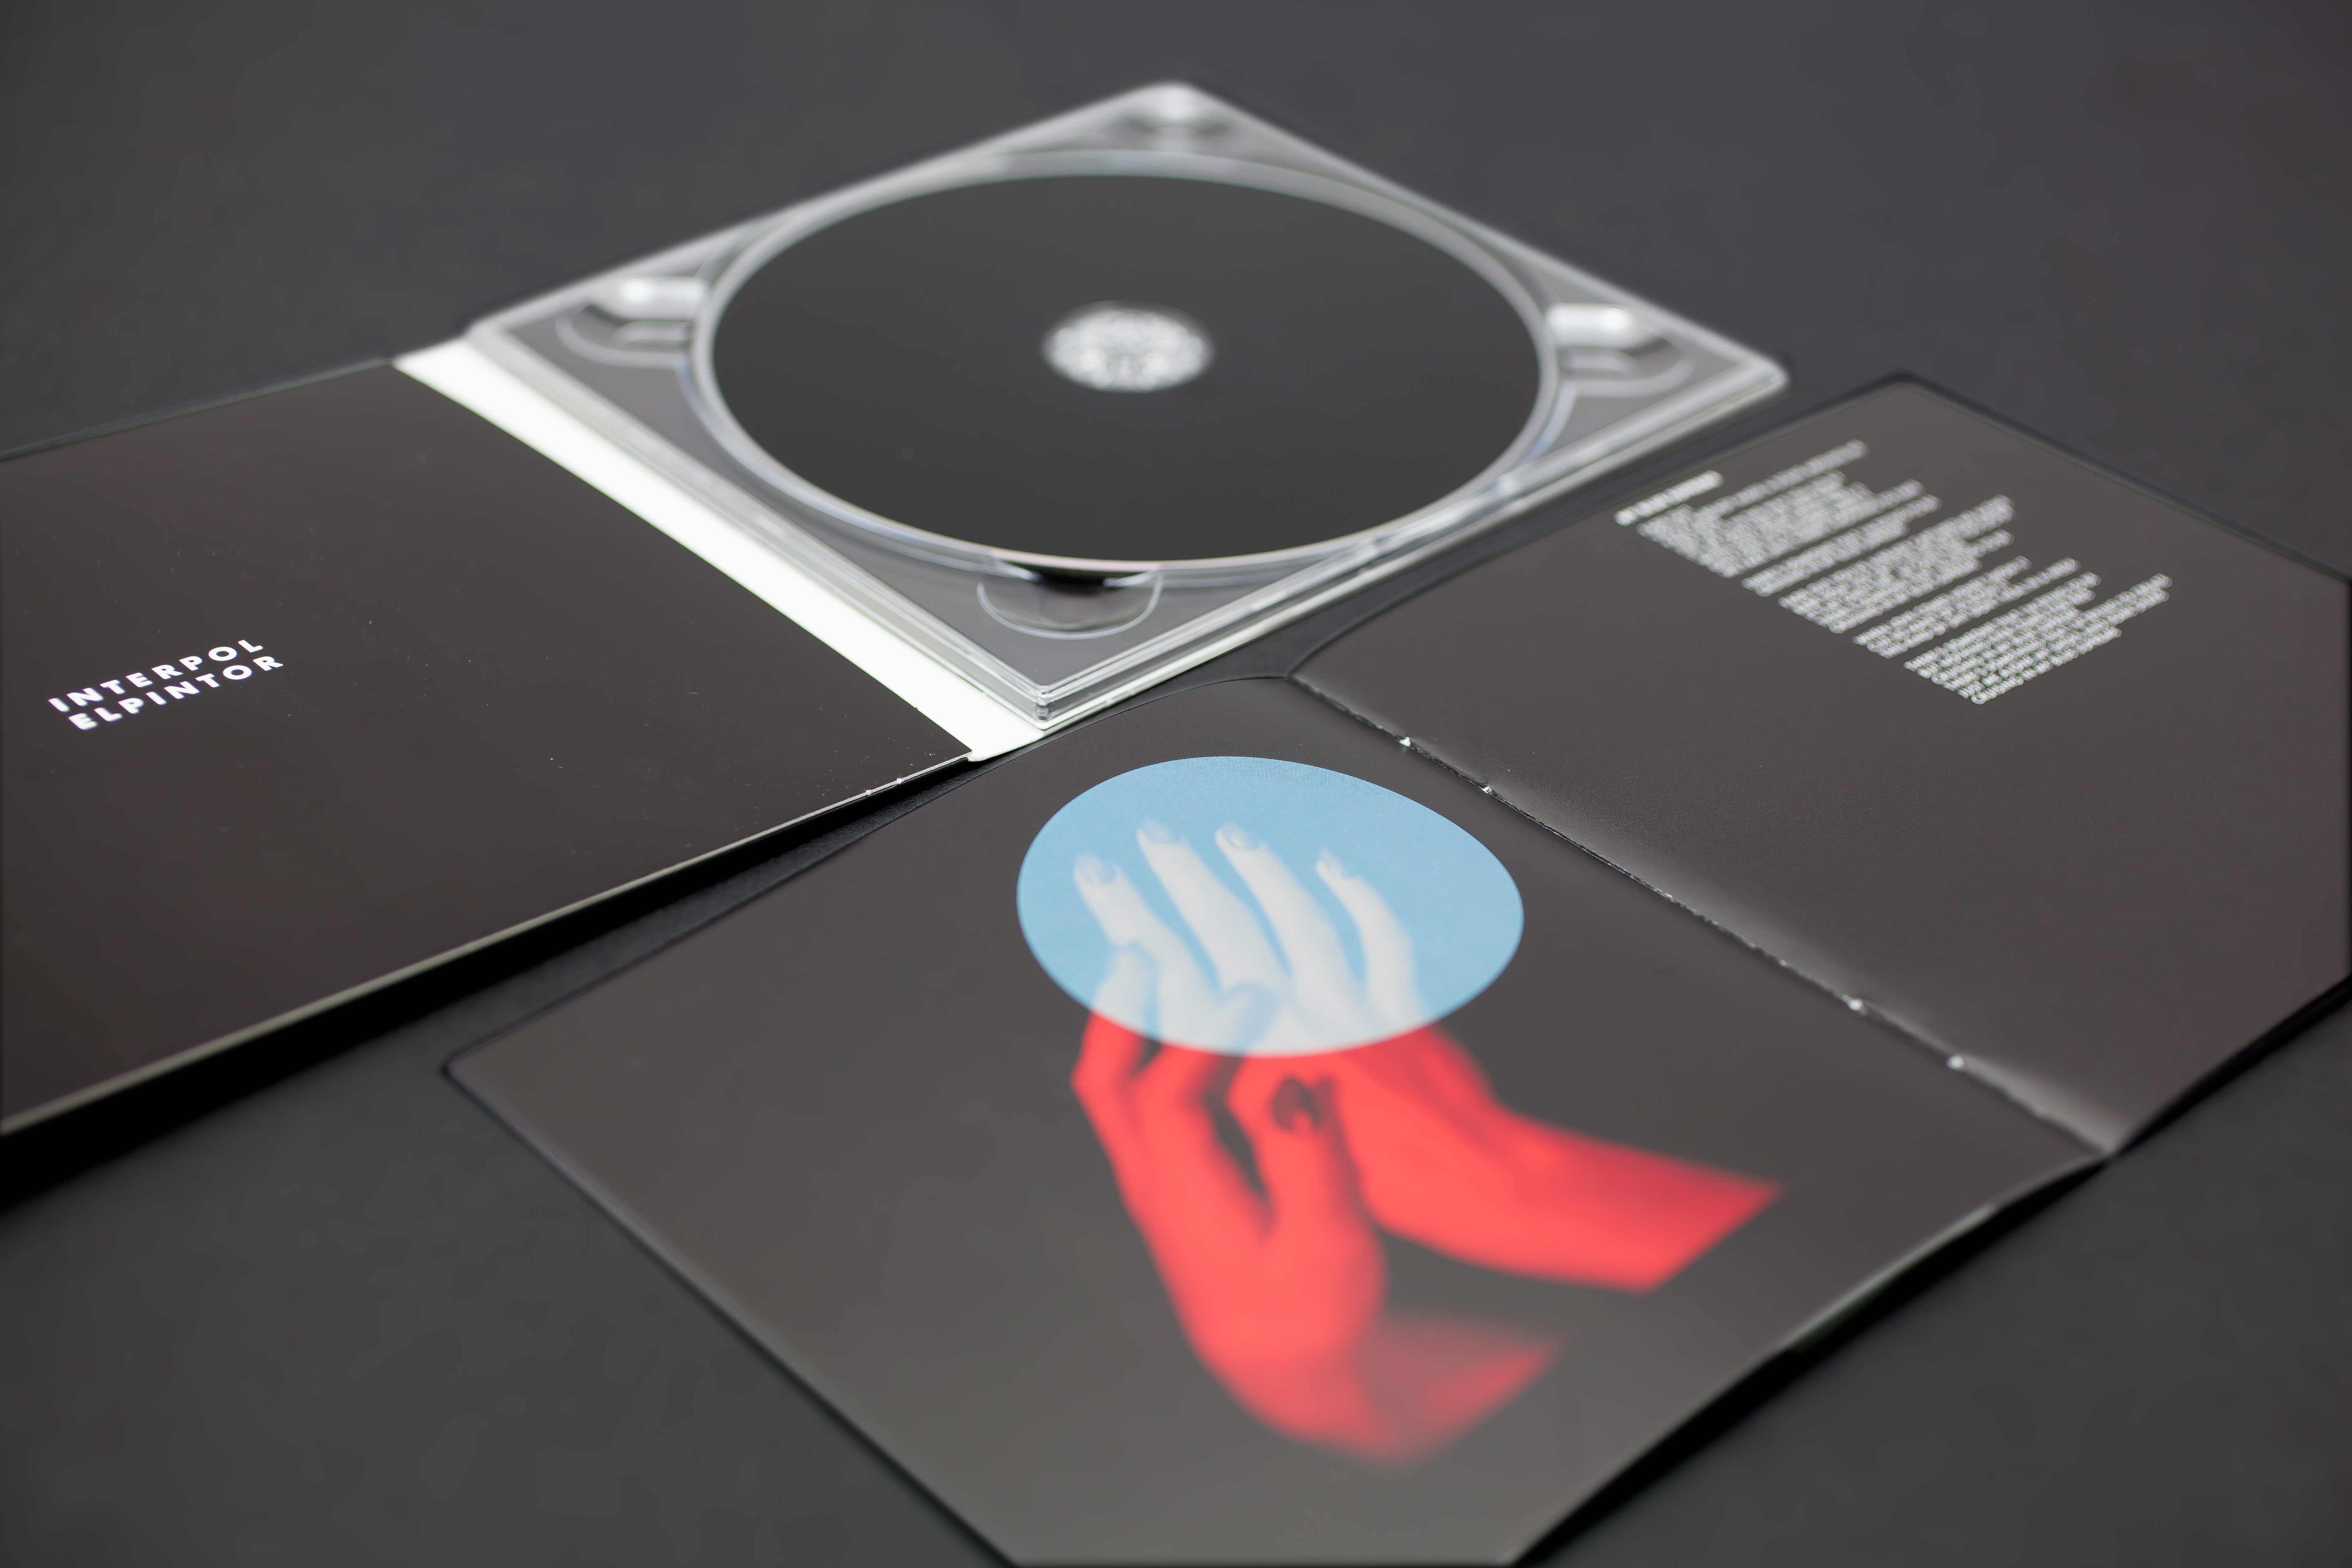 haelos full circle album download